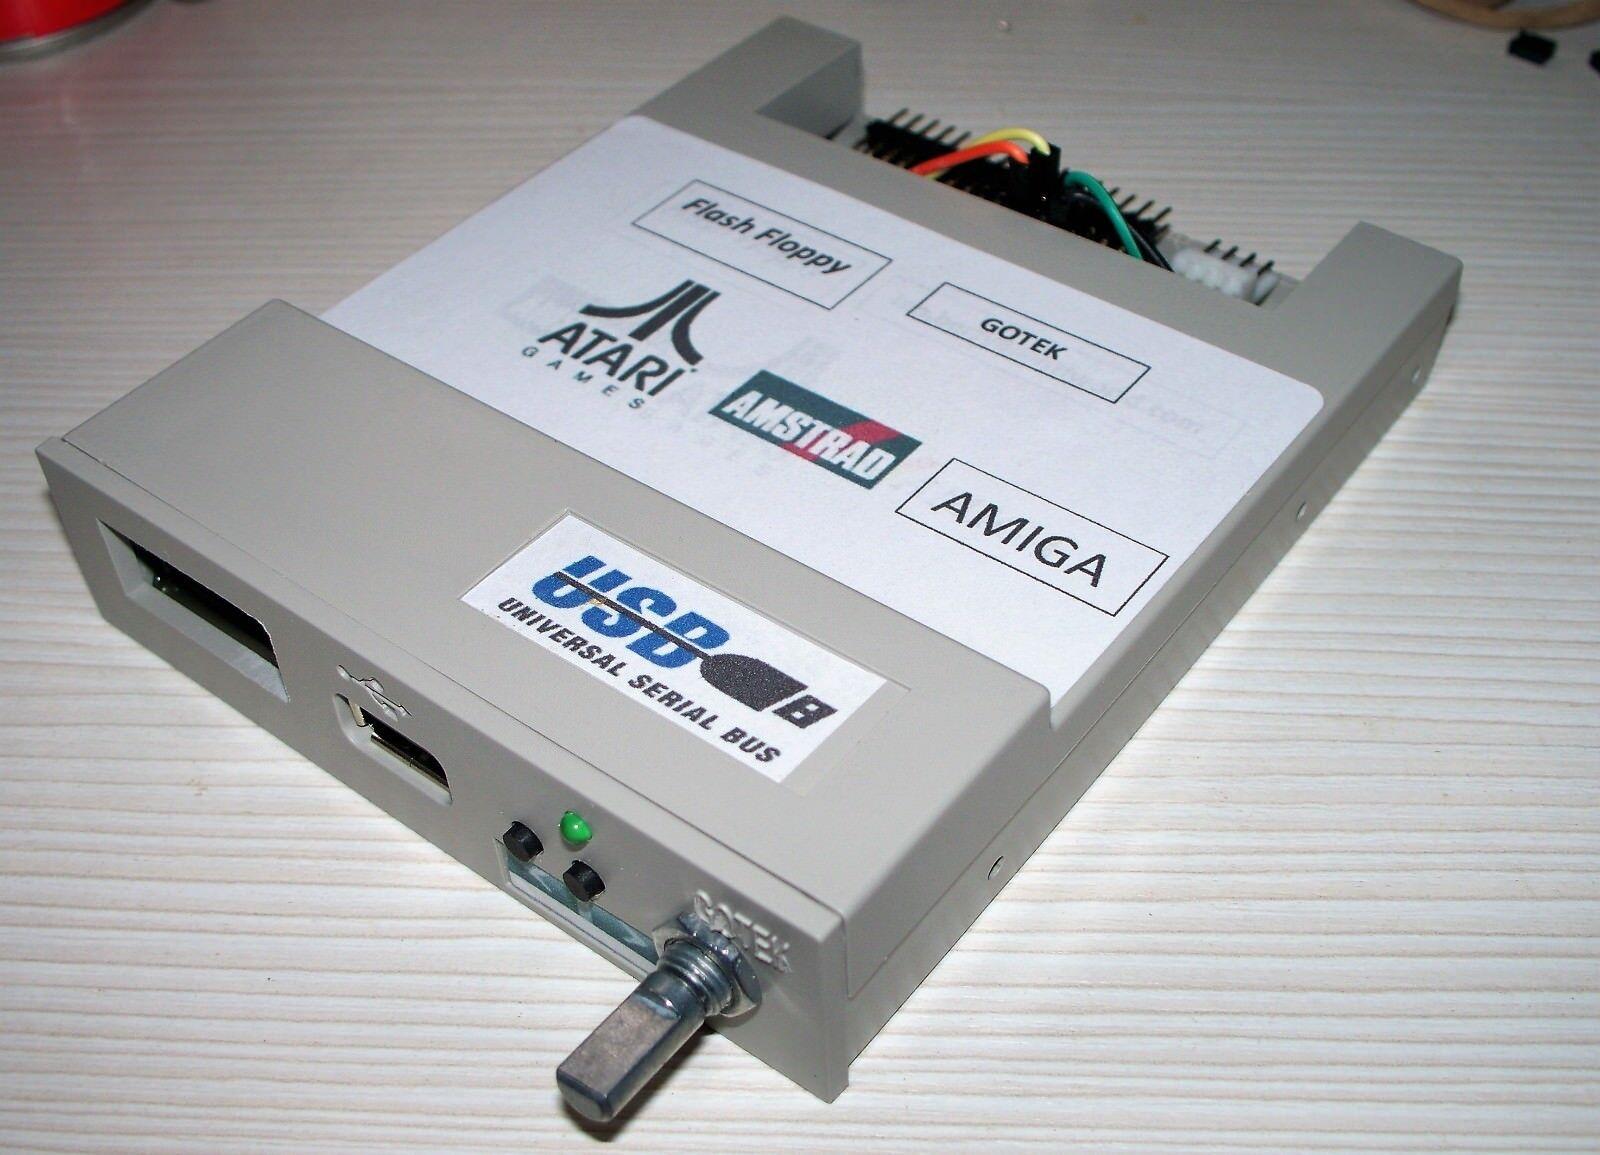 Amiga/Atari ST/Amstrad CPC/GOTEK FLASH FLOPPY OLed DISPLAY Rotary